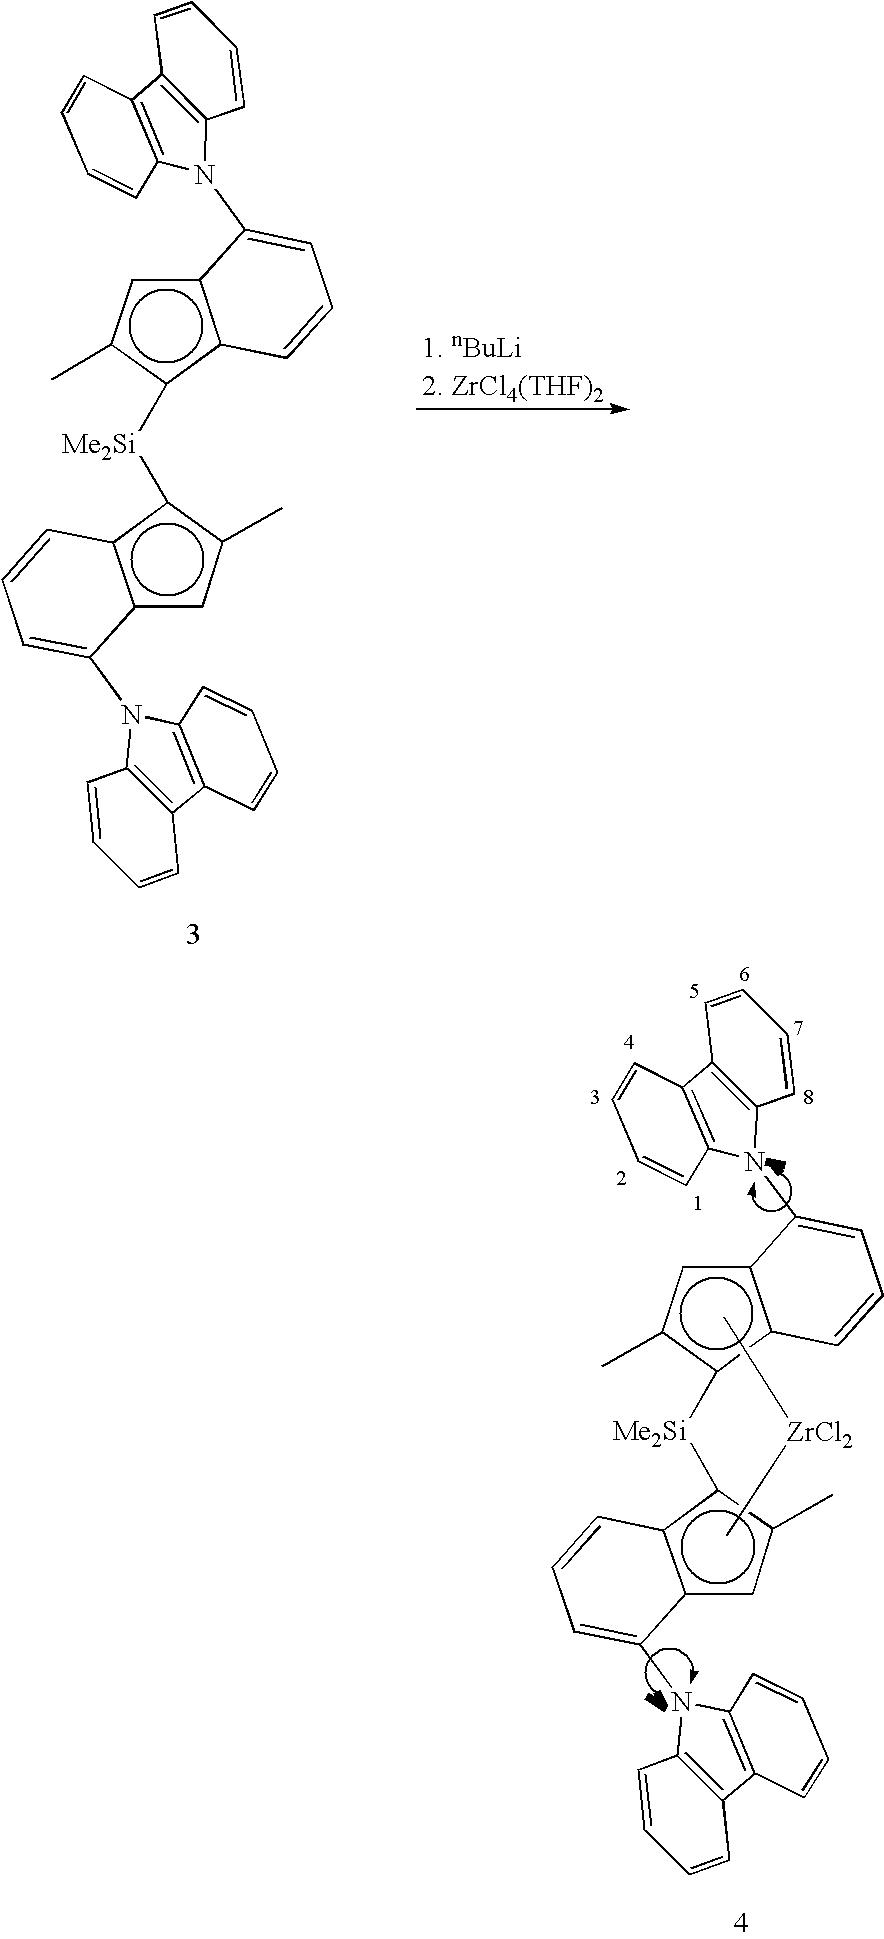 Figure US20090186995A1-20090723-C00007